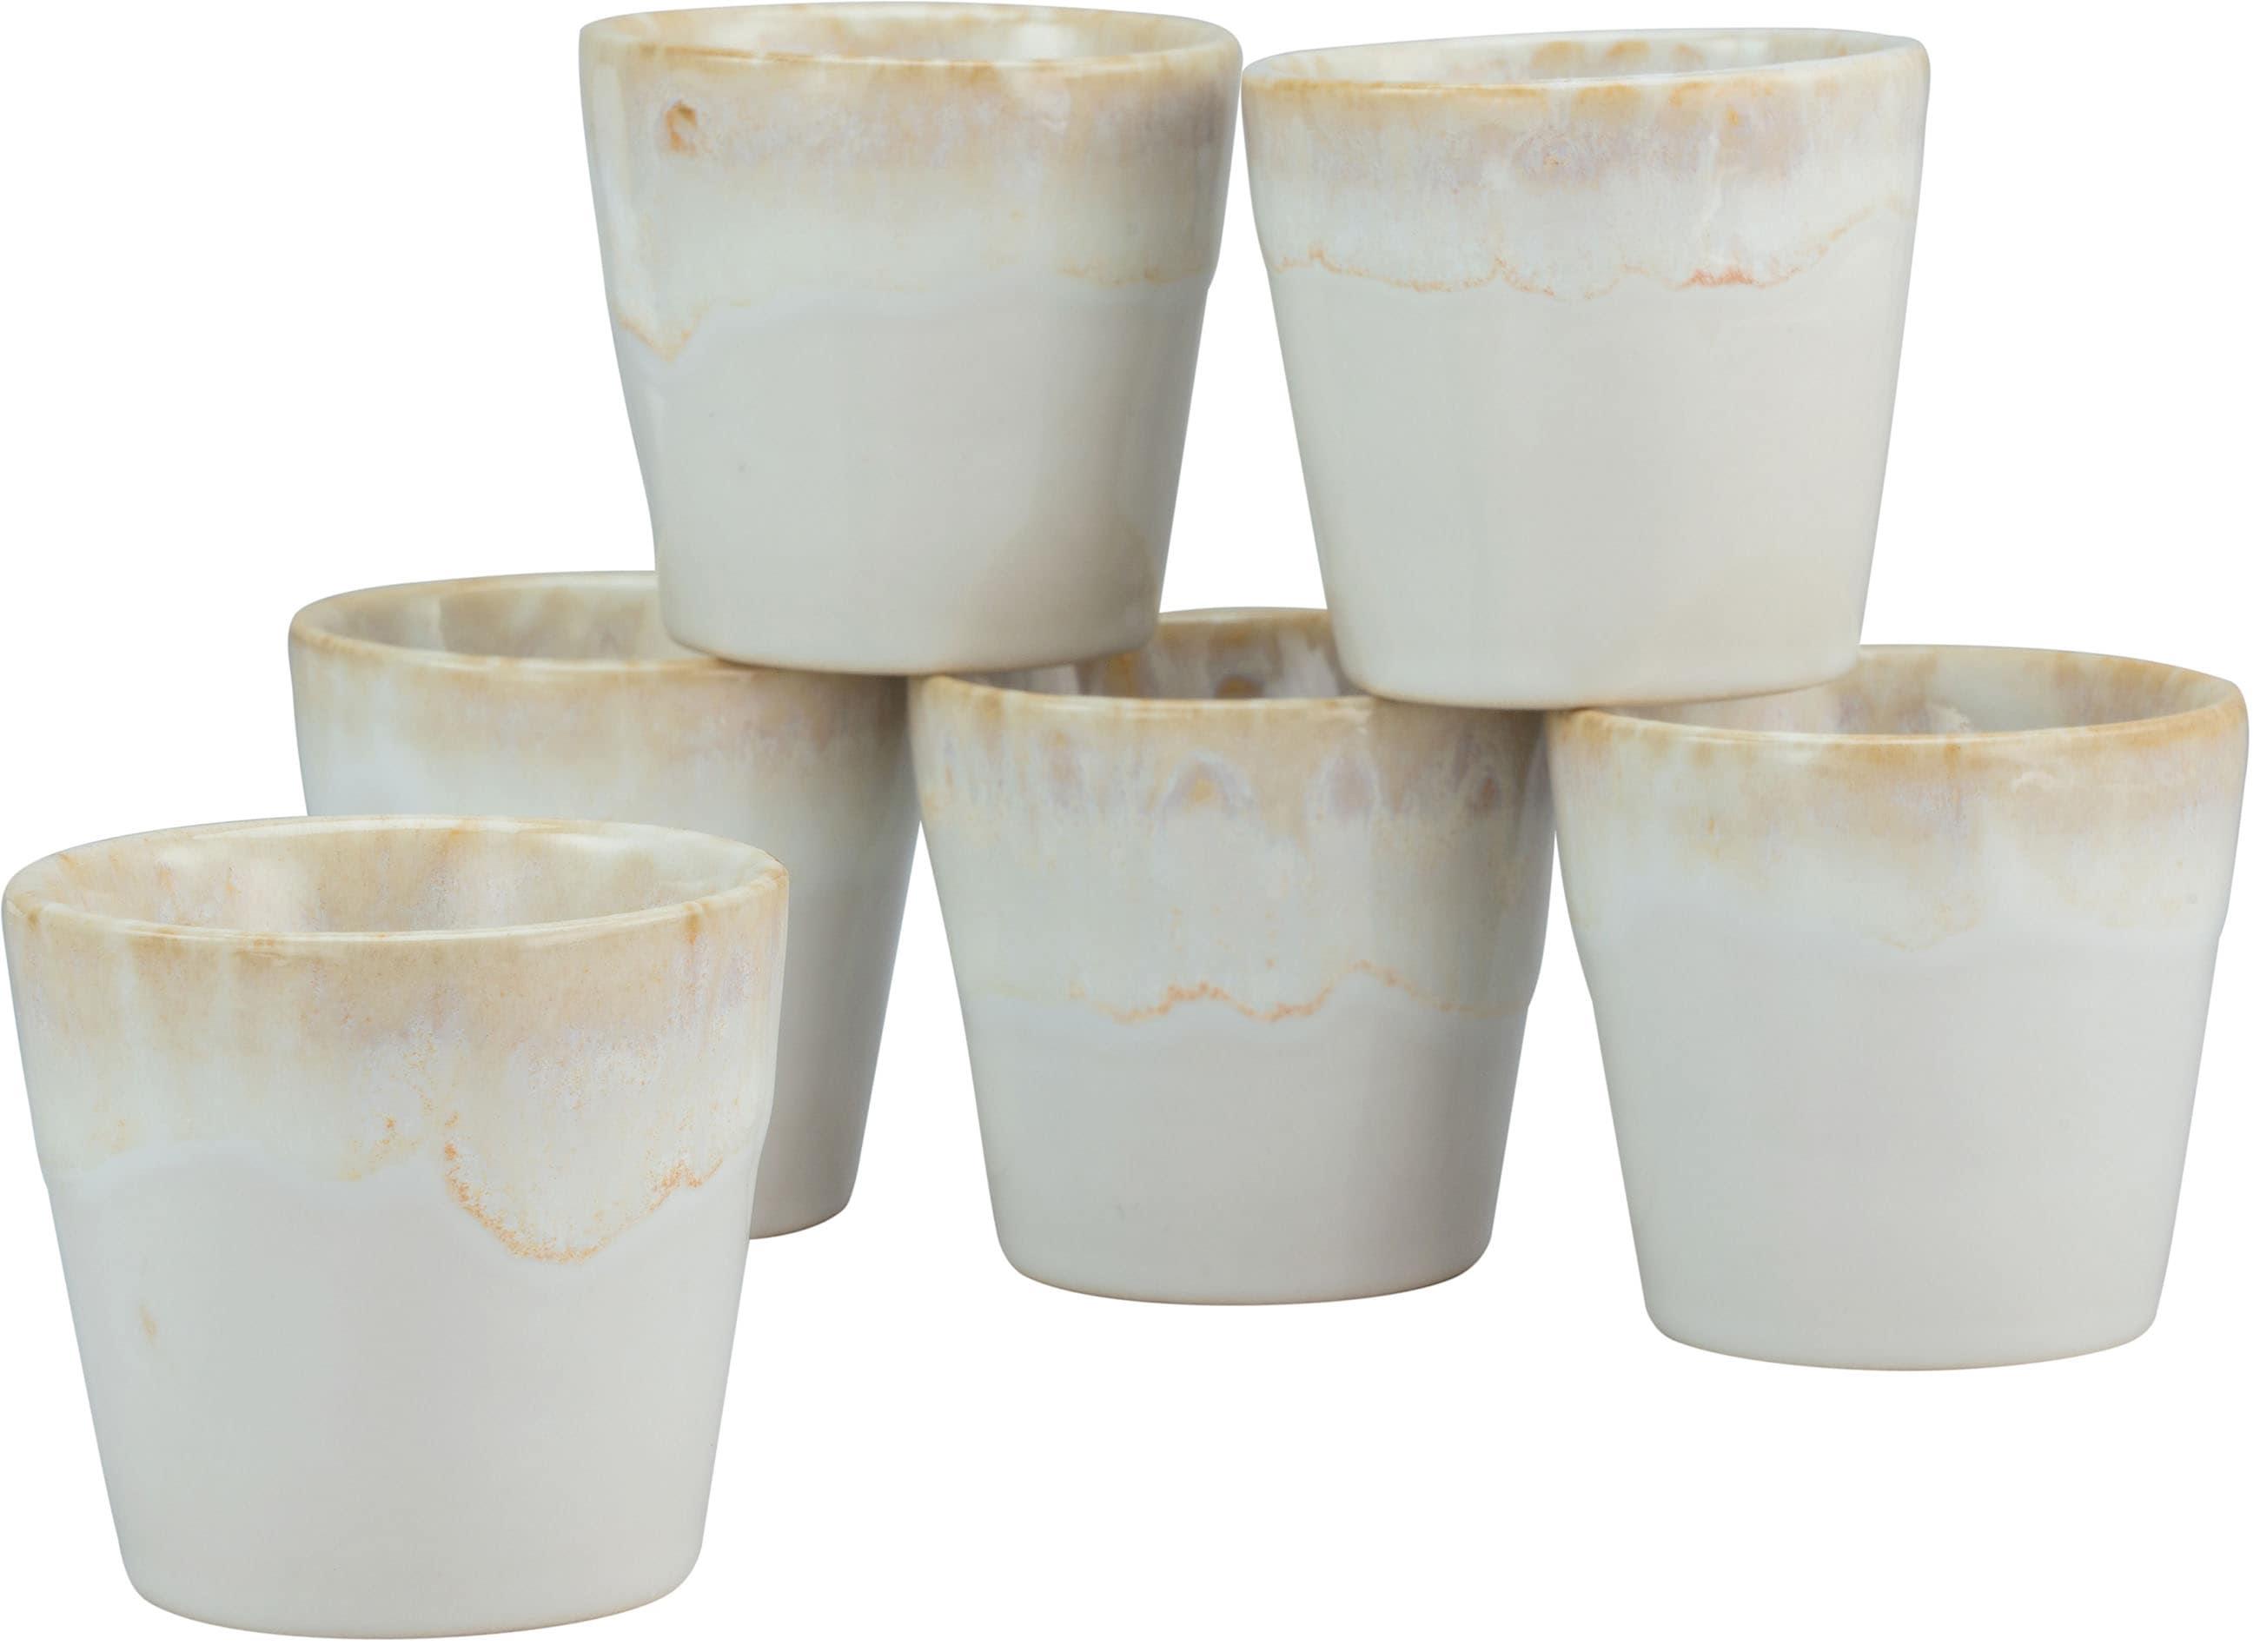 CreaTable Espressotasse Grespresso Espresso, (Set, 6 tlg.), 9 cl, 6-teilig weiß Becher Tassen Geschirr, Porzellan Tischaccessoires Haushaltswaren